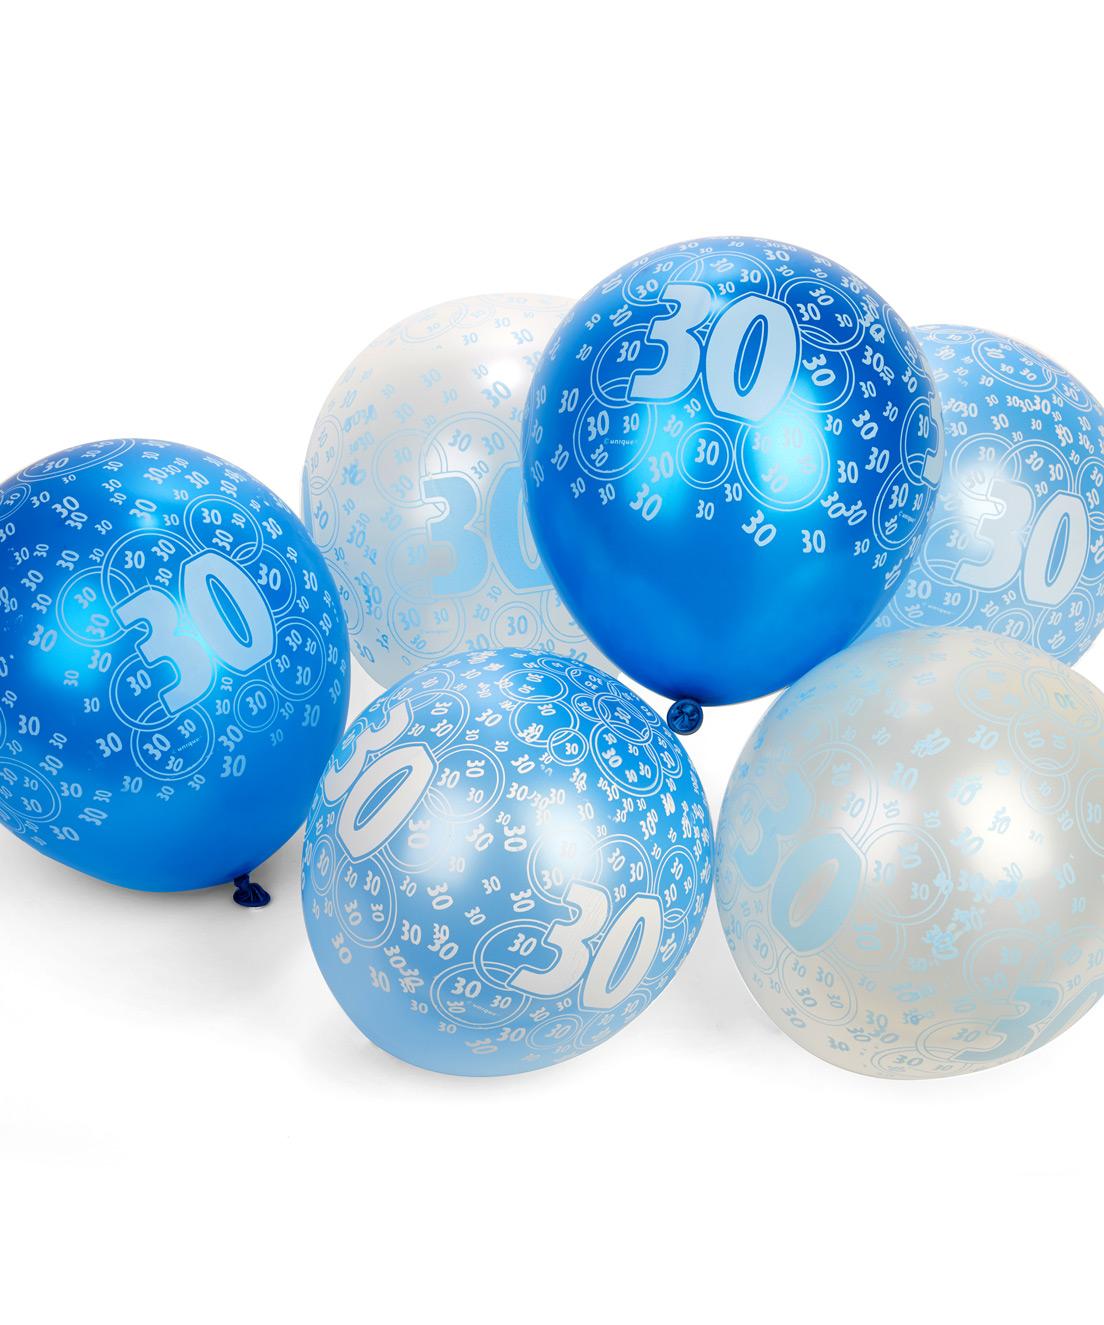 30 jahre ballons geburtstagsdeko jubil umsballons 6 st ck for Geburtstagsdeko 30